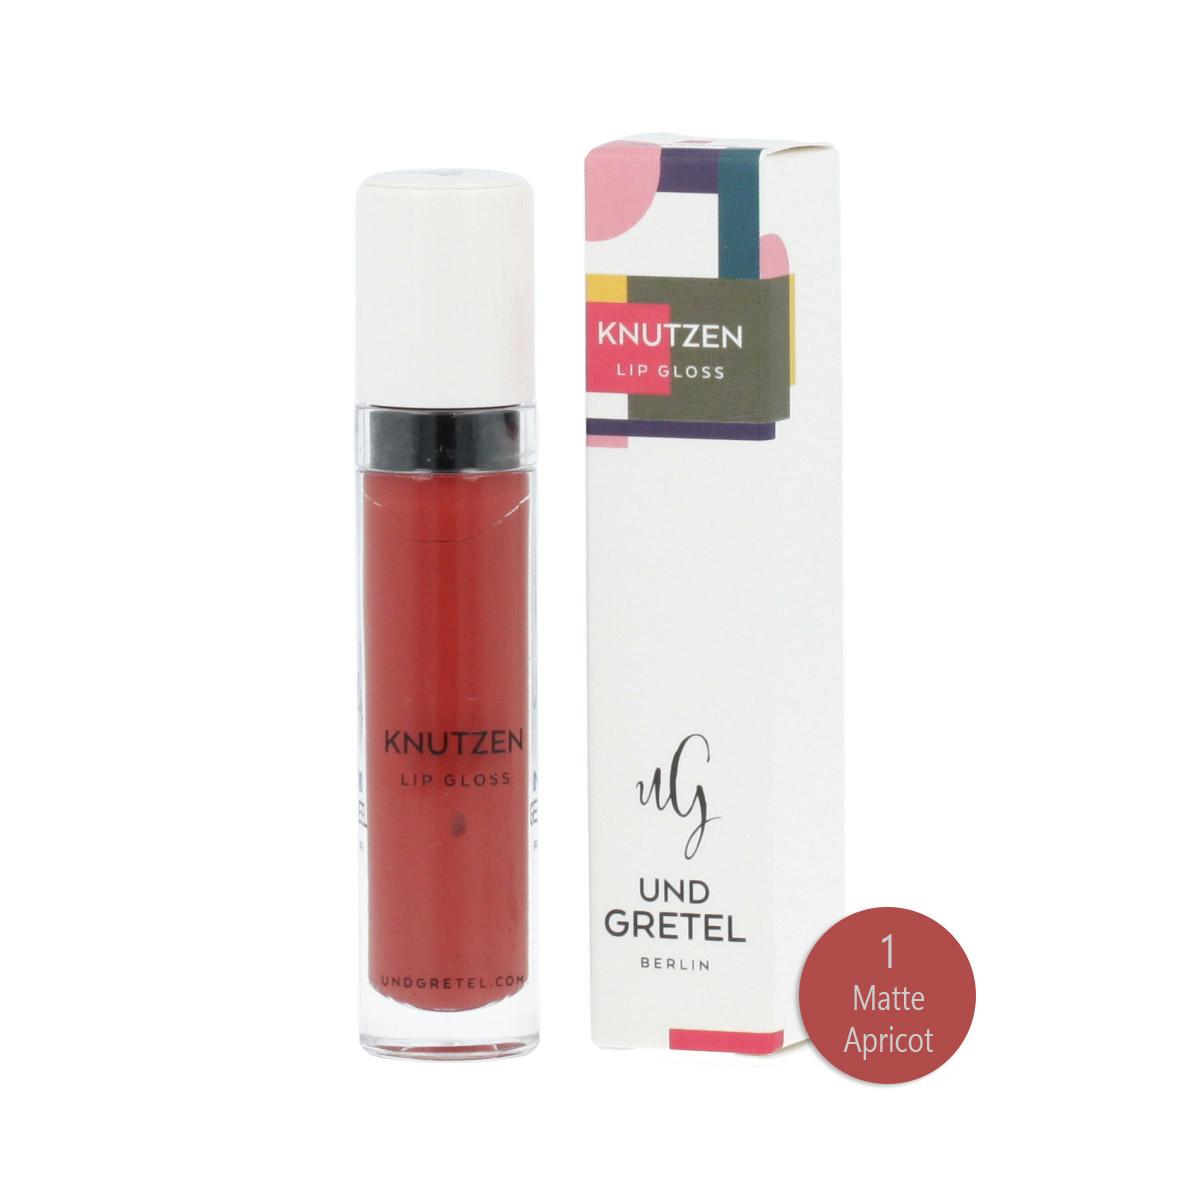 Und Gretel KNUTZEN Matte Lip Gloss (1 Matte Apricot) 6 ml 12861